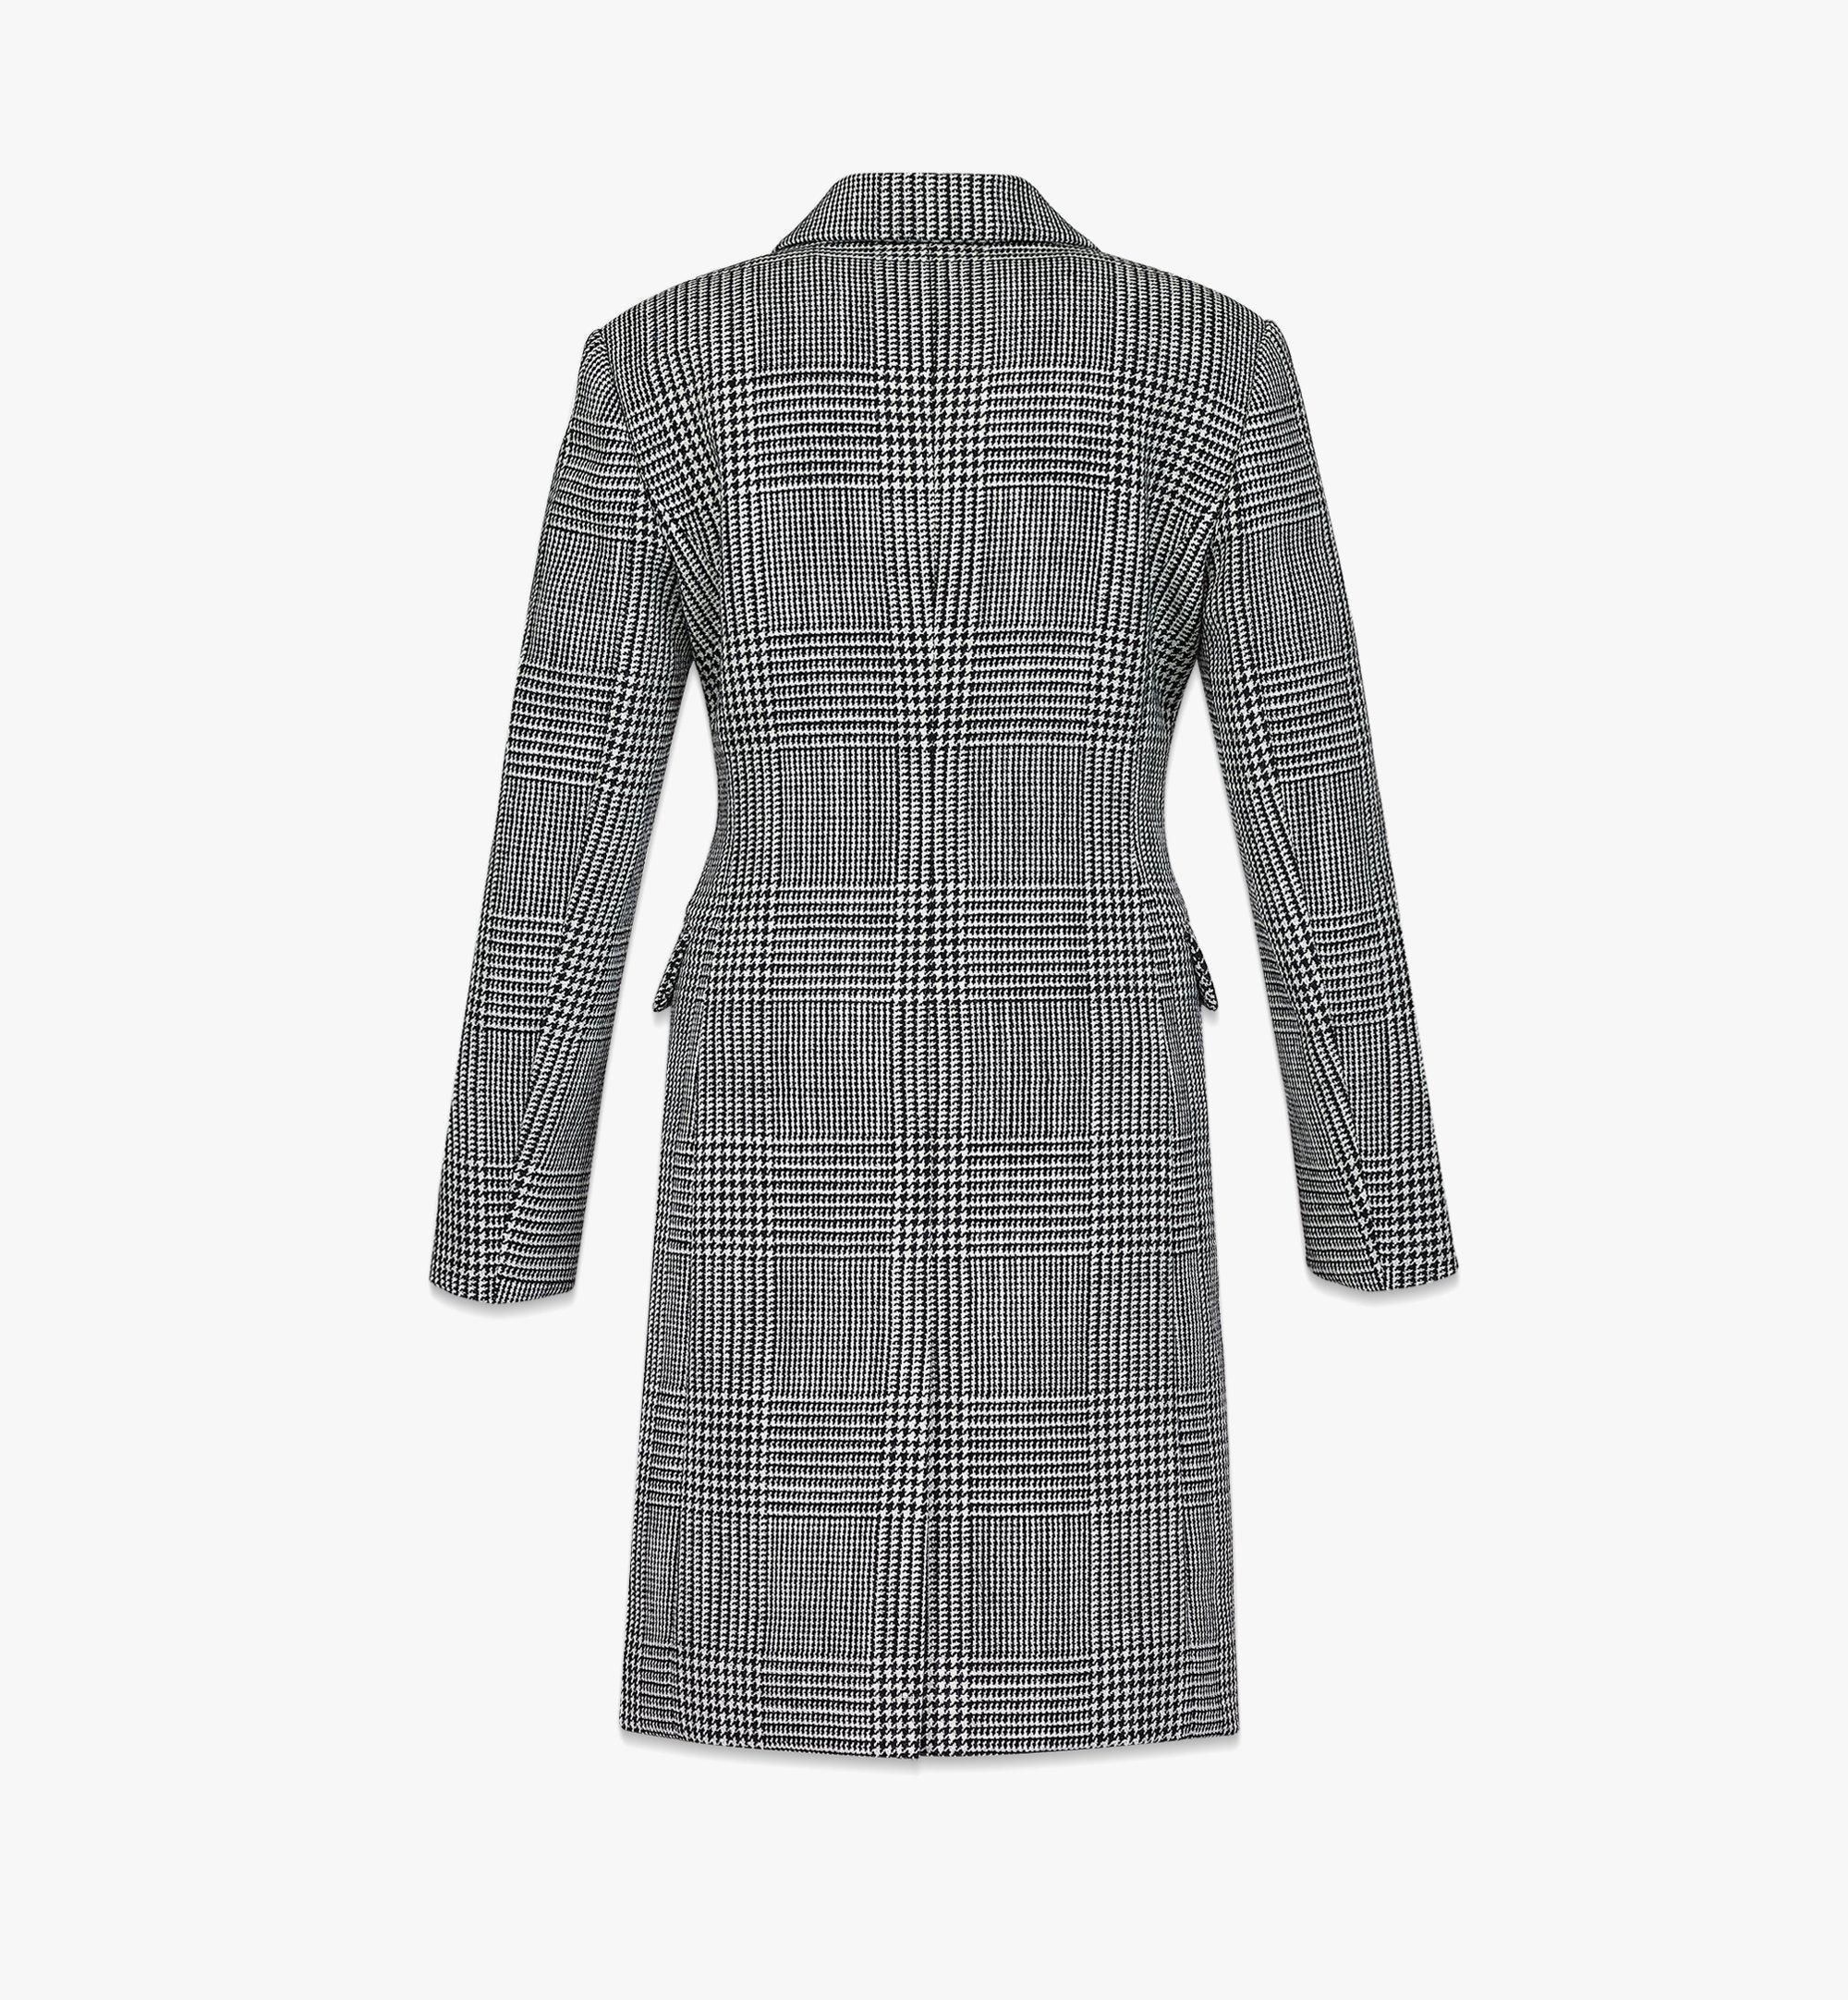 MCM Manteau en laine à carreaux avec empiècement en nylon pour femme Black MFCBAMM01BK040 Plus de photos 4